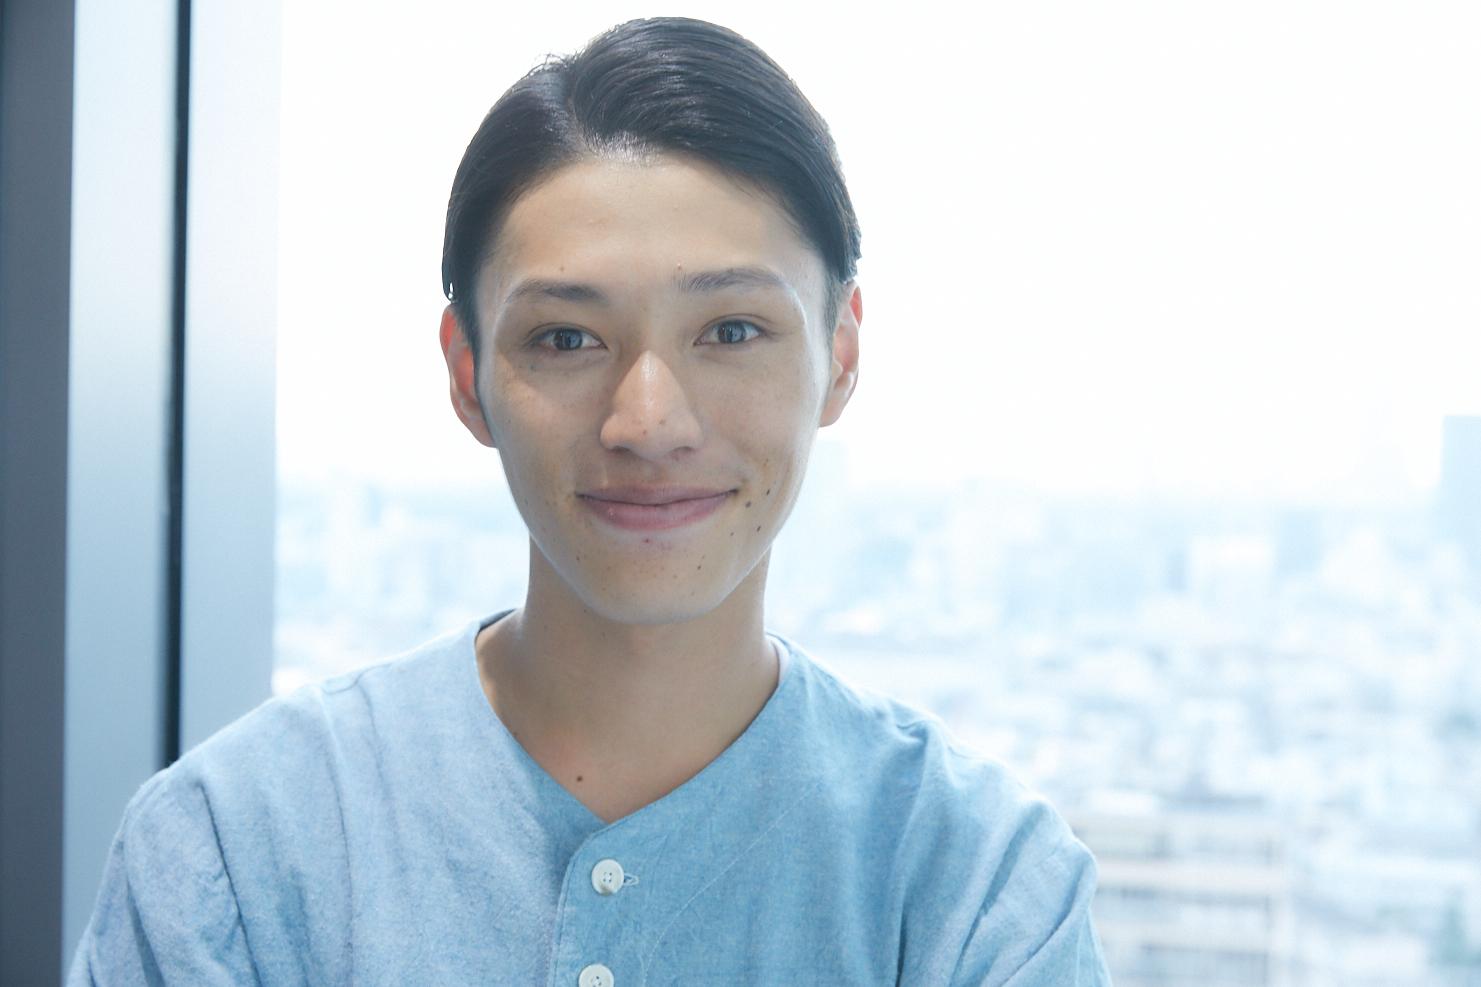 安西慎太郎